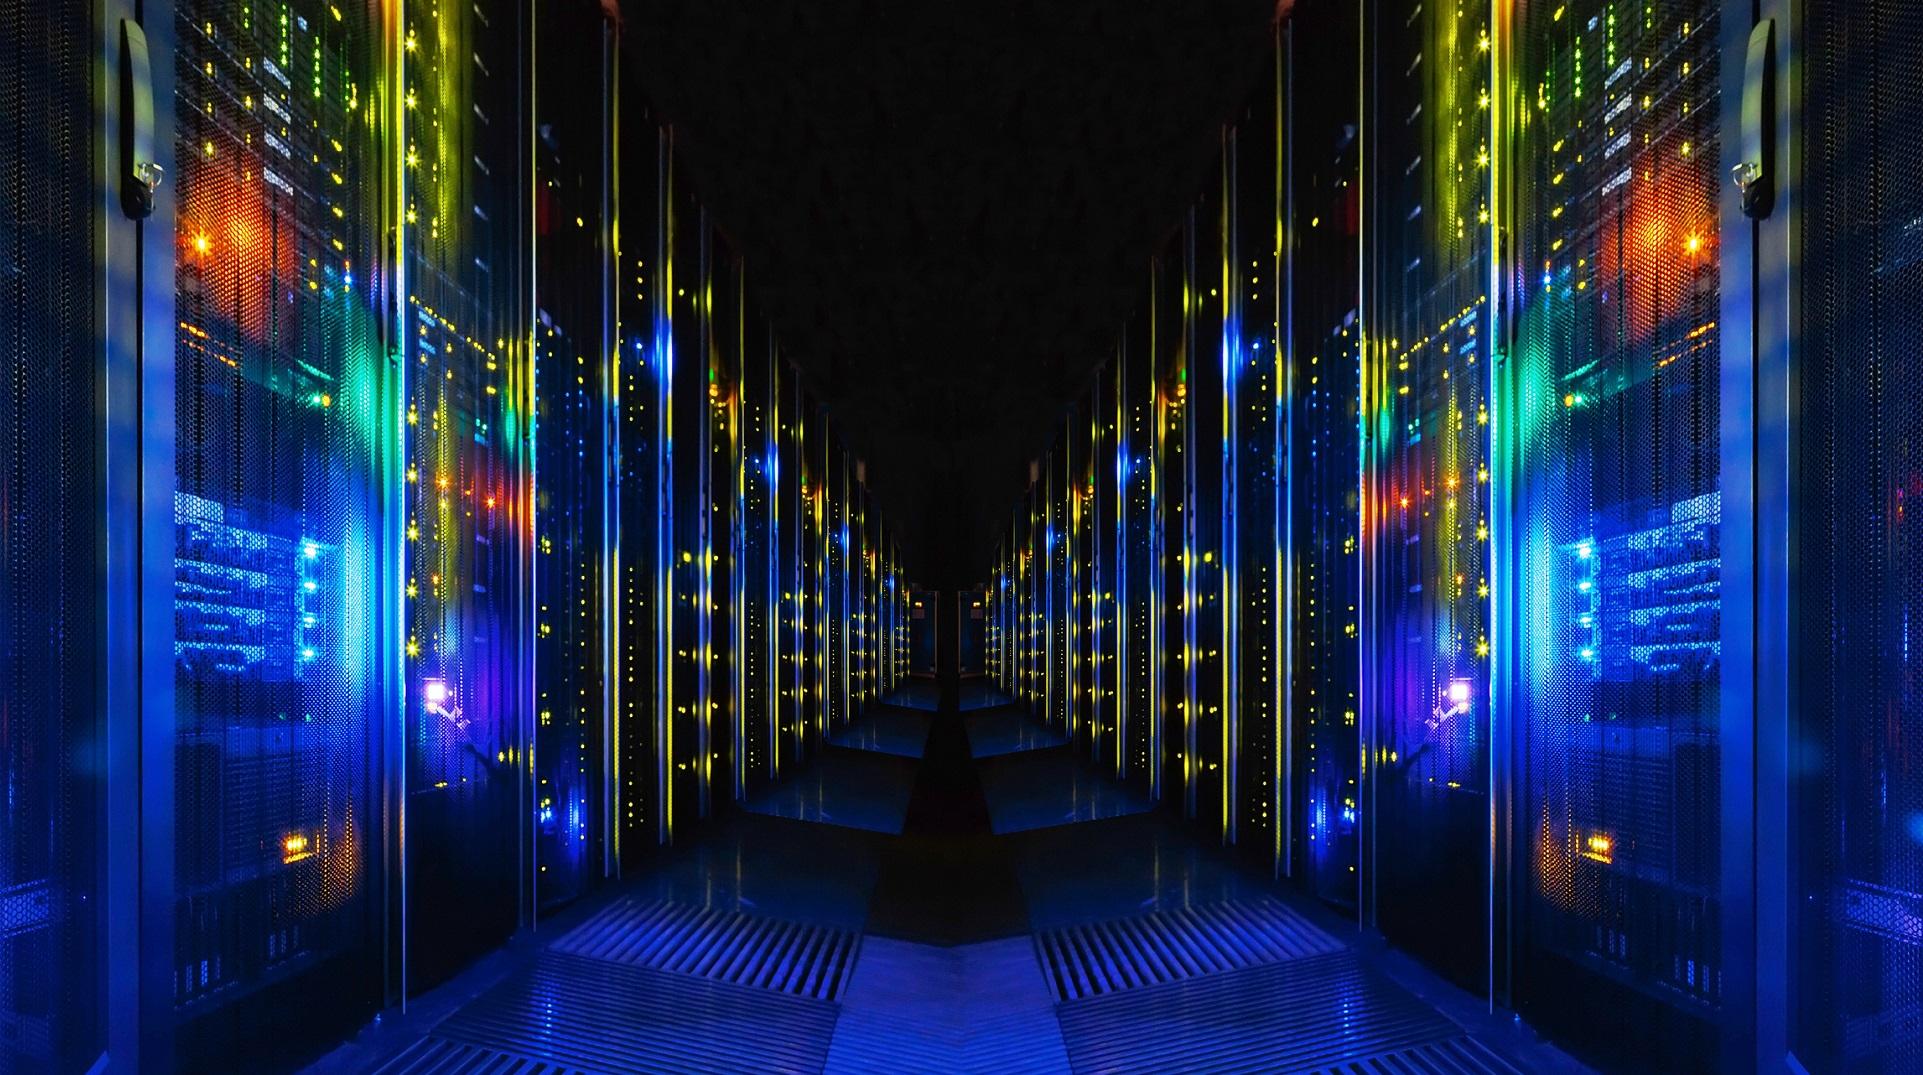 Cyberconference.__1920_1080.jpg